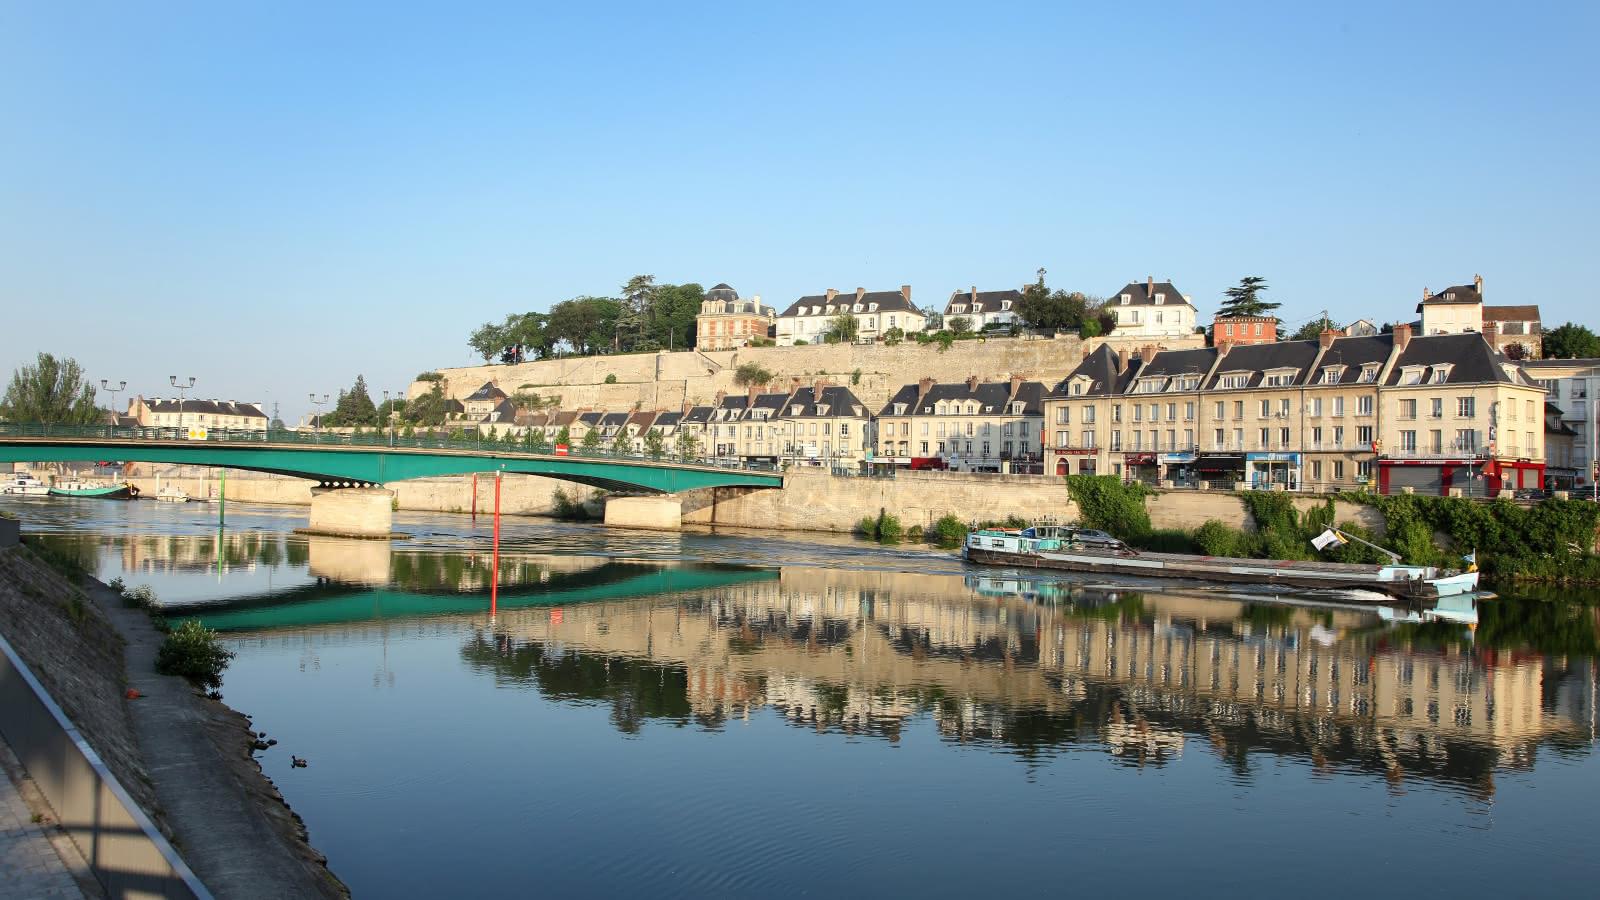 Photo de la vue des bords de l'Oise et des remparts à Pontoise